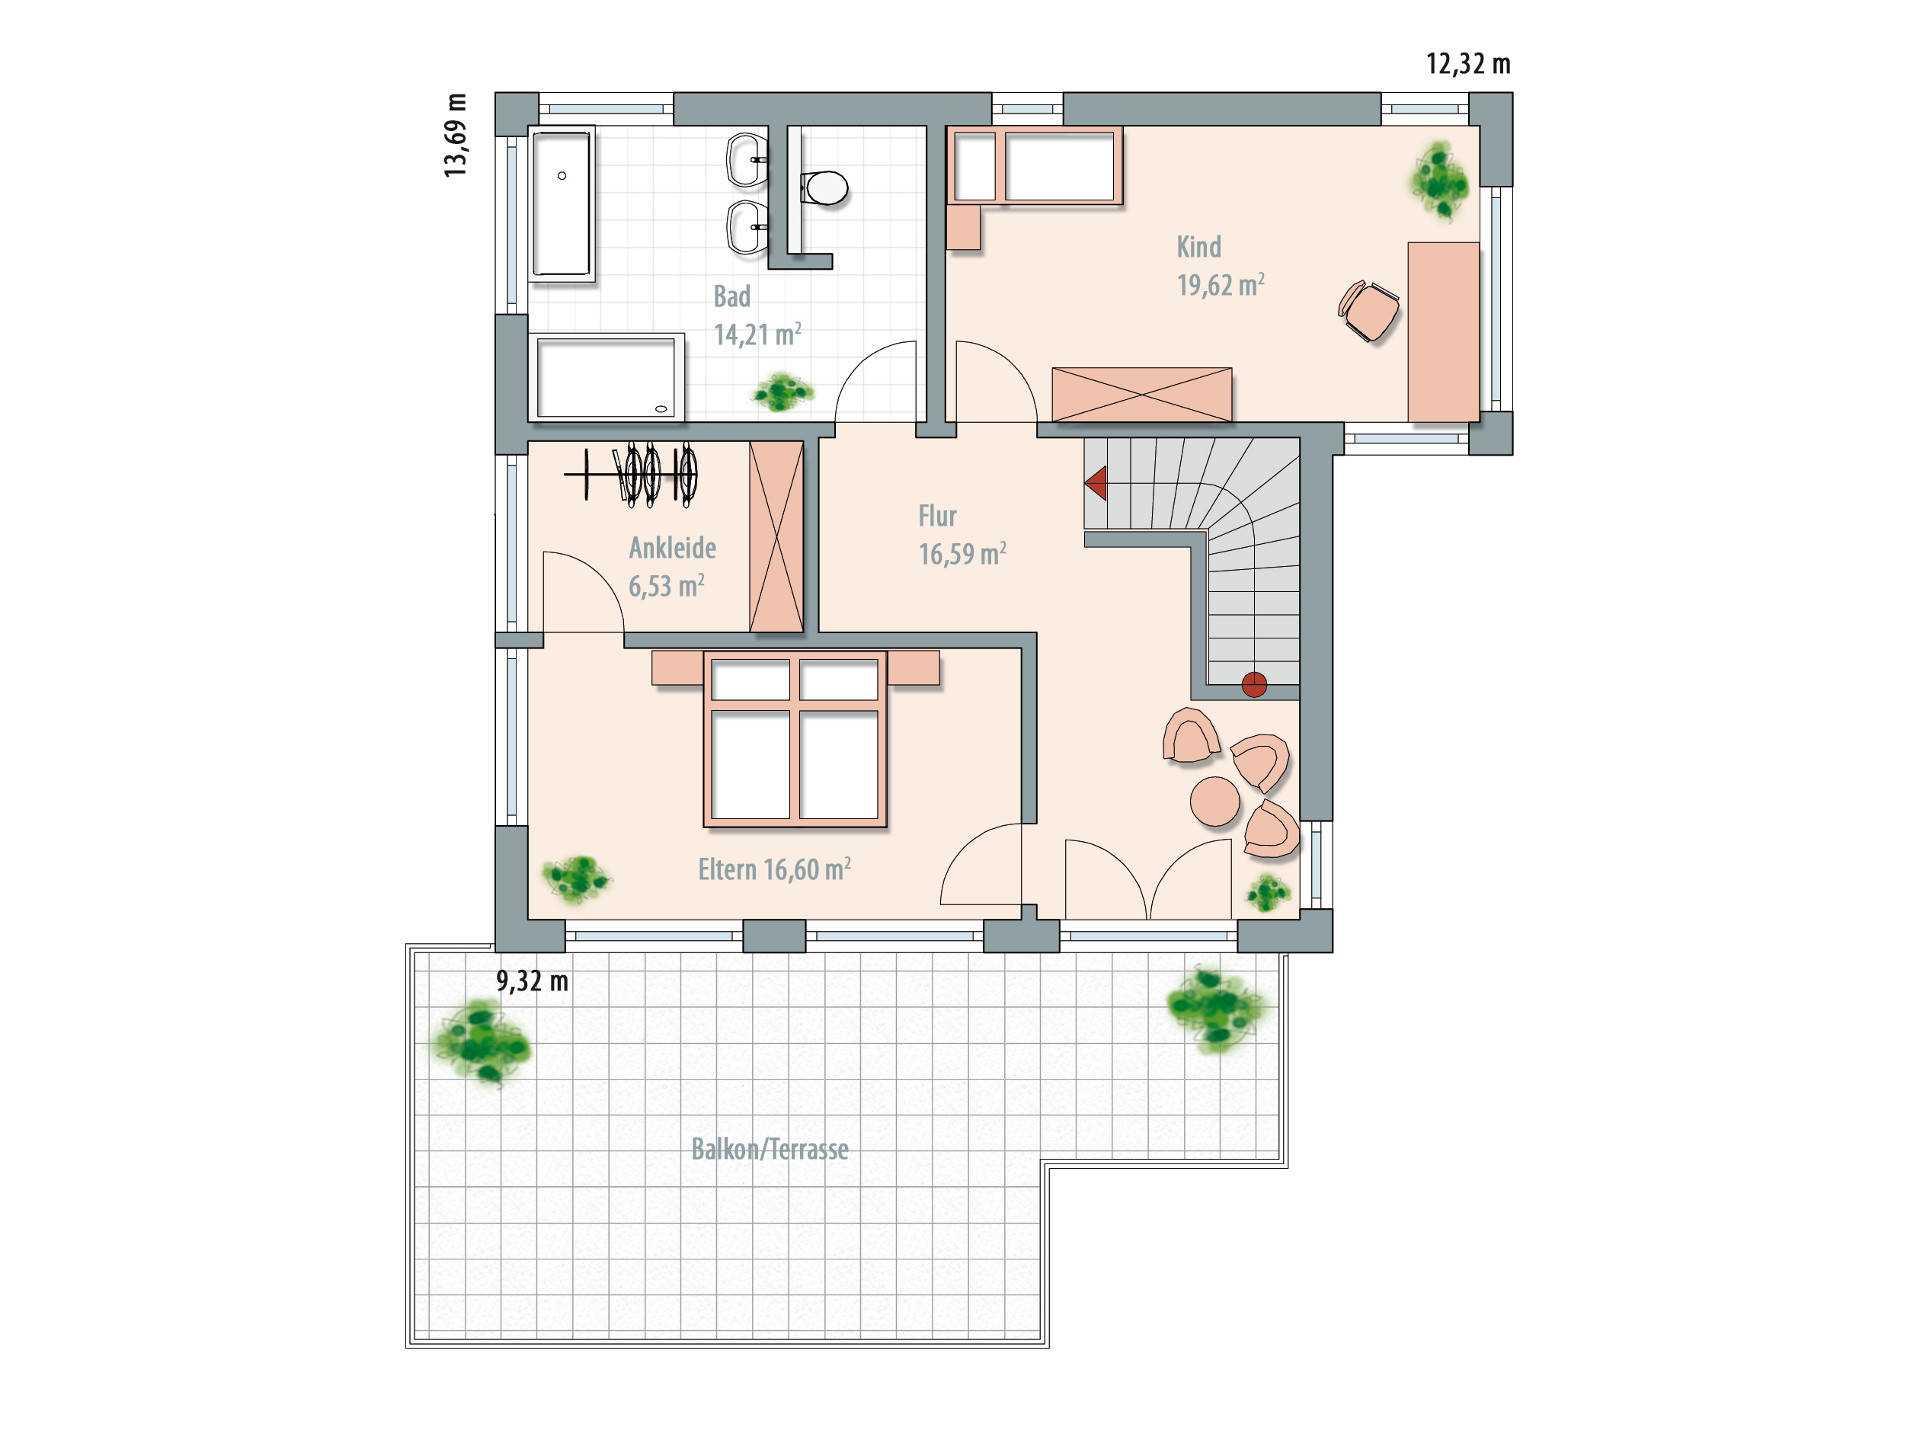 Holzskelettbauweise grundriss  Architektenhaus bauen - Hausbeispiele,Preise & Anbieter